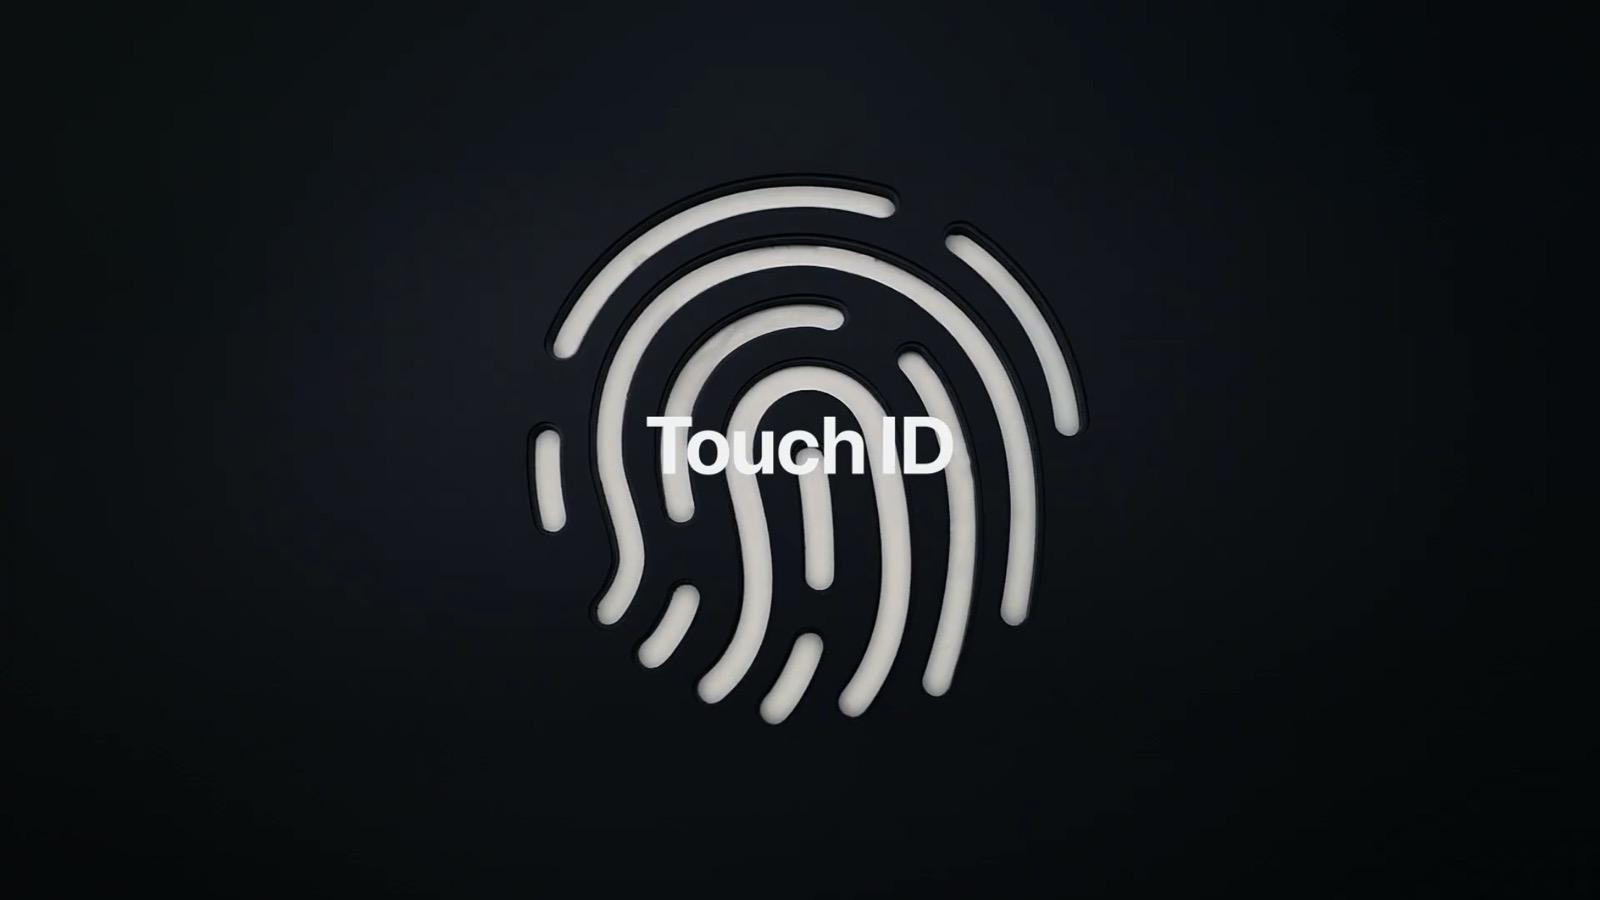 今夜発表の新型iPad Air、電源ボタンに指紋認証内蔵か